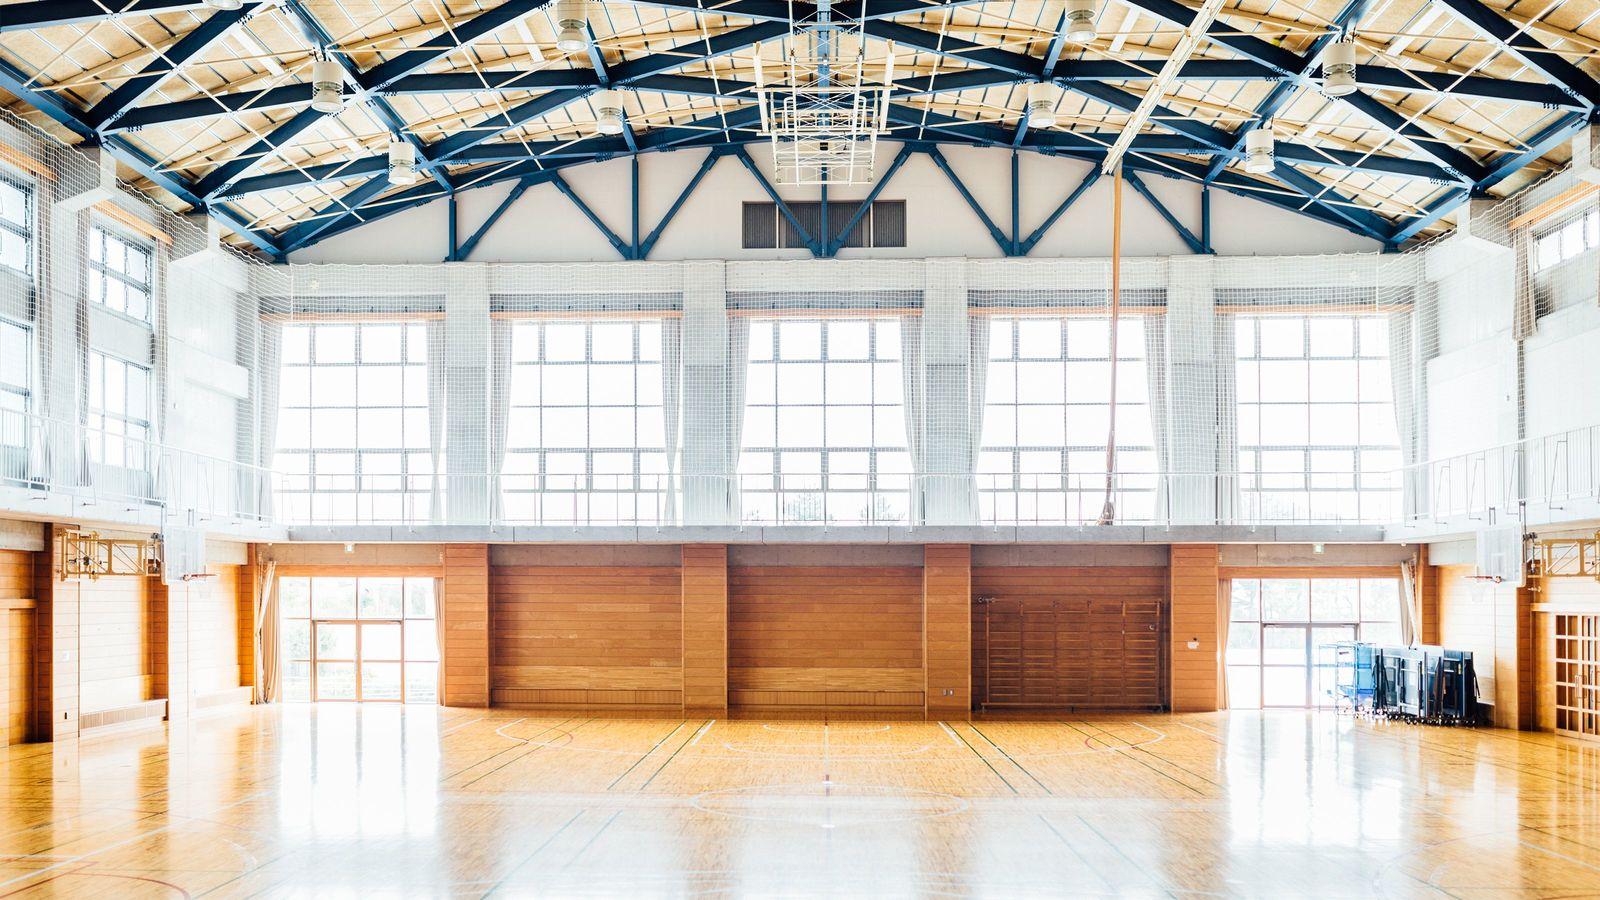 東京の名物女子ダンス部が取り組む「オンライン部活」の中身 顧問が出した課題は「ダンスリレー」